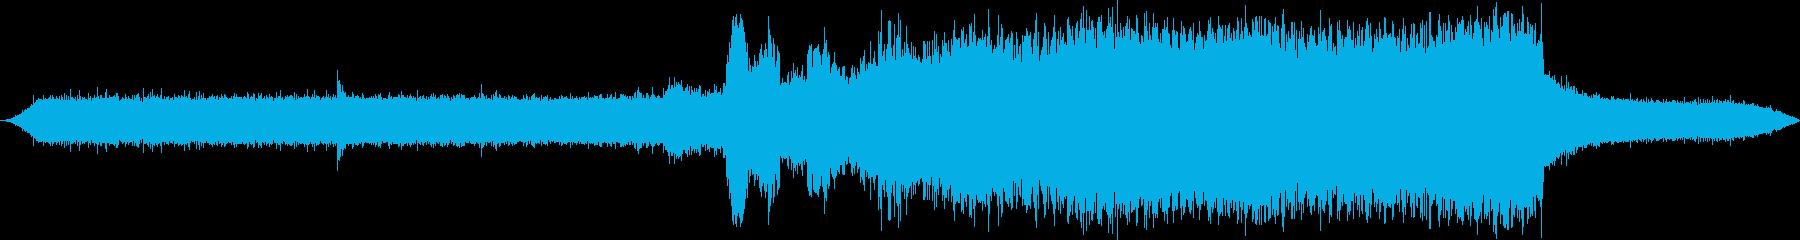 製材所:ラージバンドソー:アイドル...の再生済みの波形